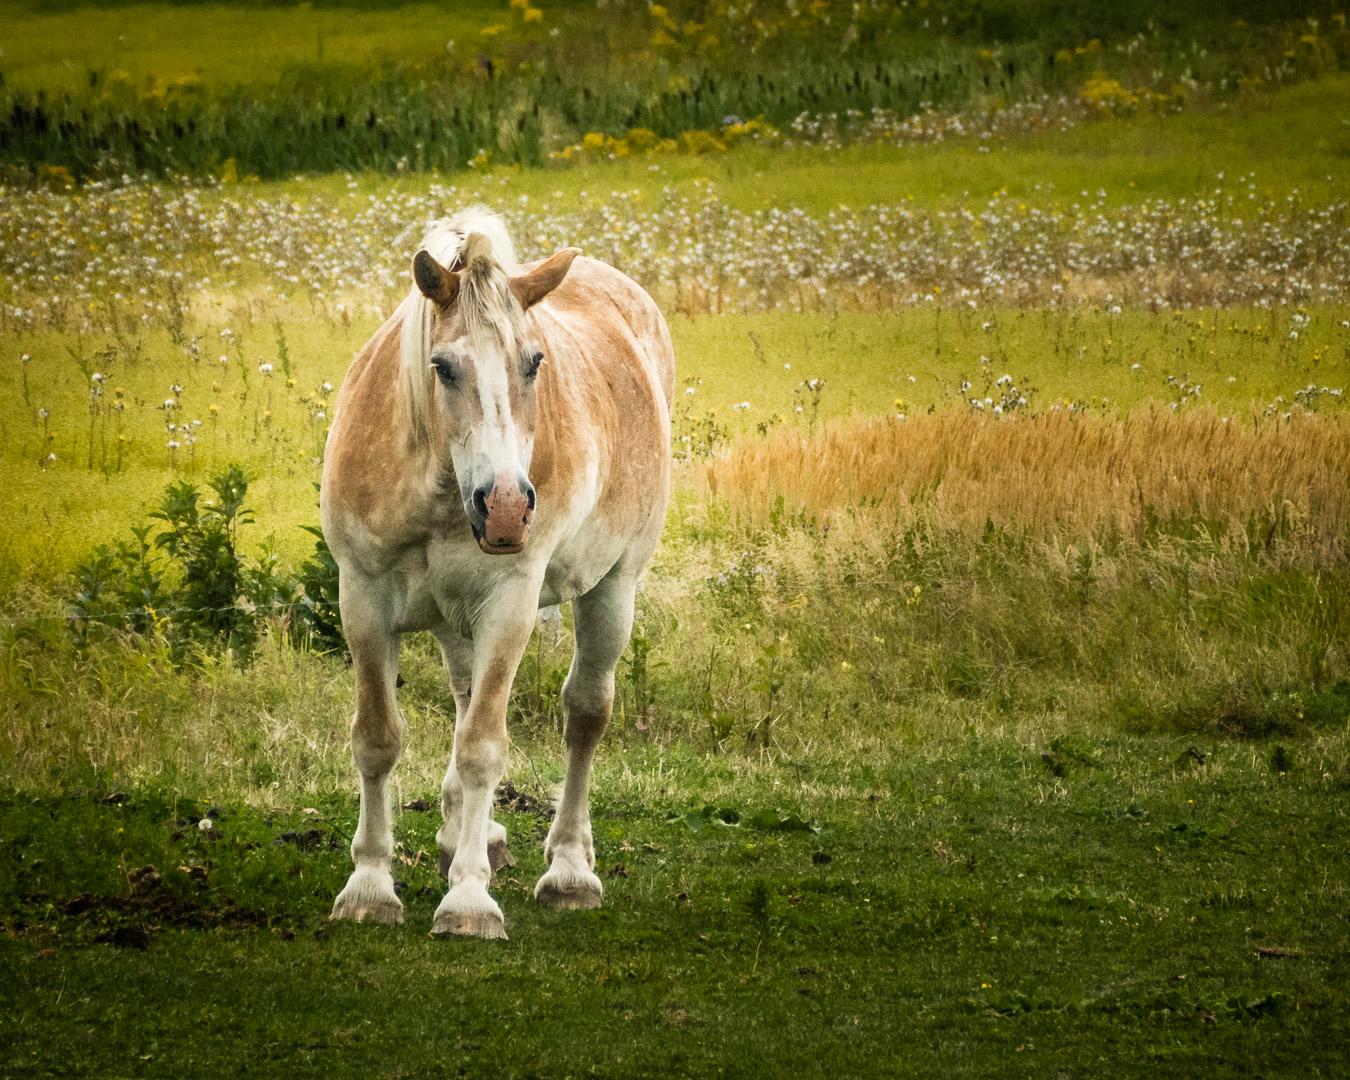 Le bonheur est dans le pré / Happiness is in the meadow